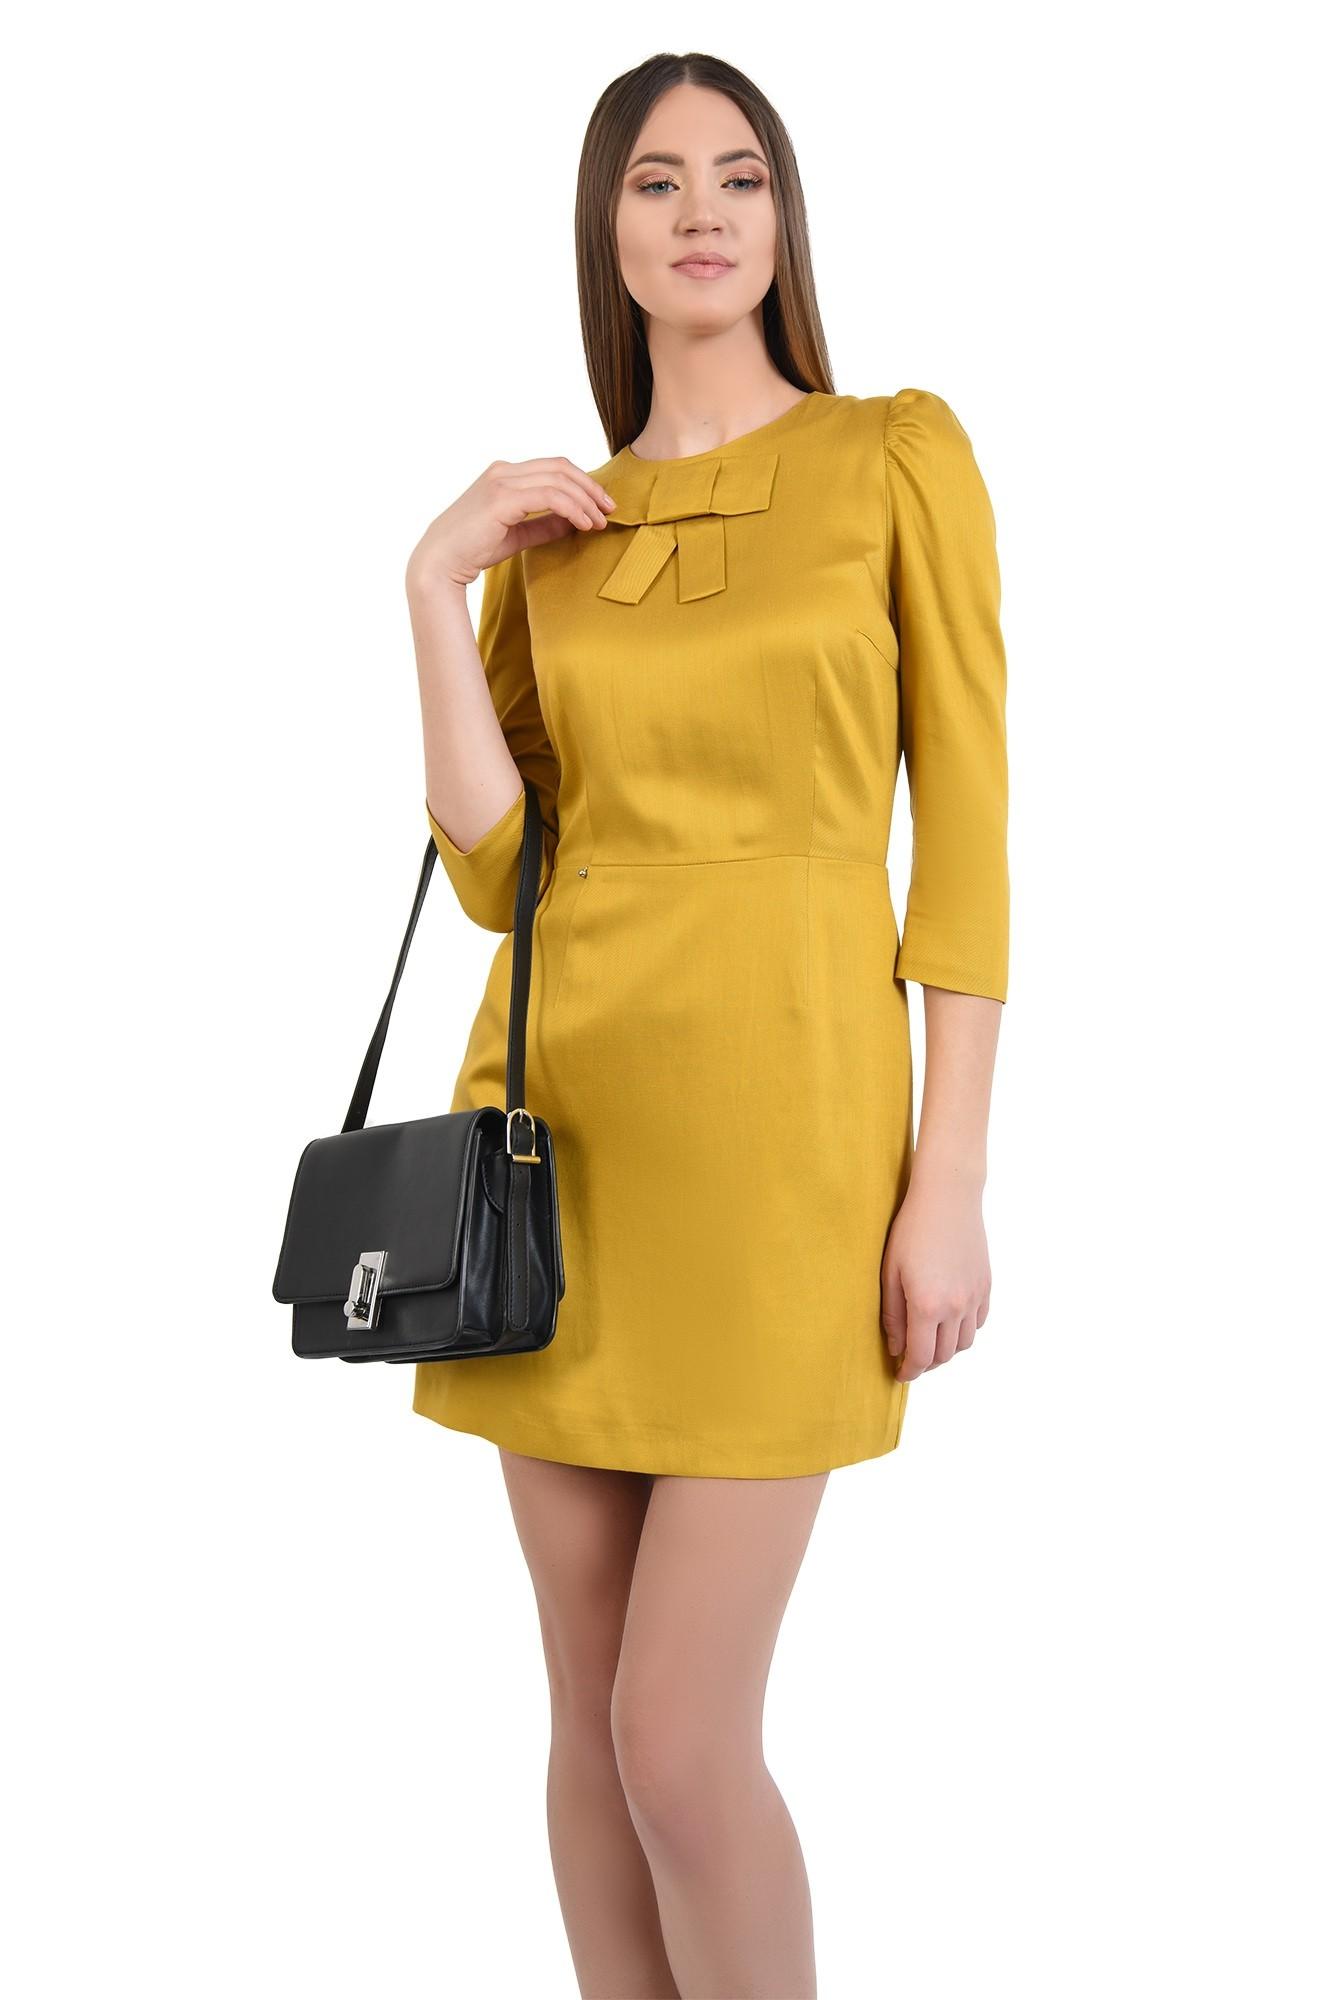 0 - rochie casual, mustar, cu funda, maneci 3/4, rochie din in